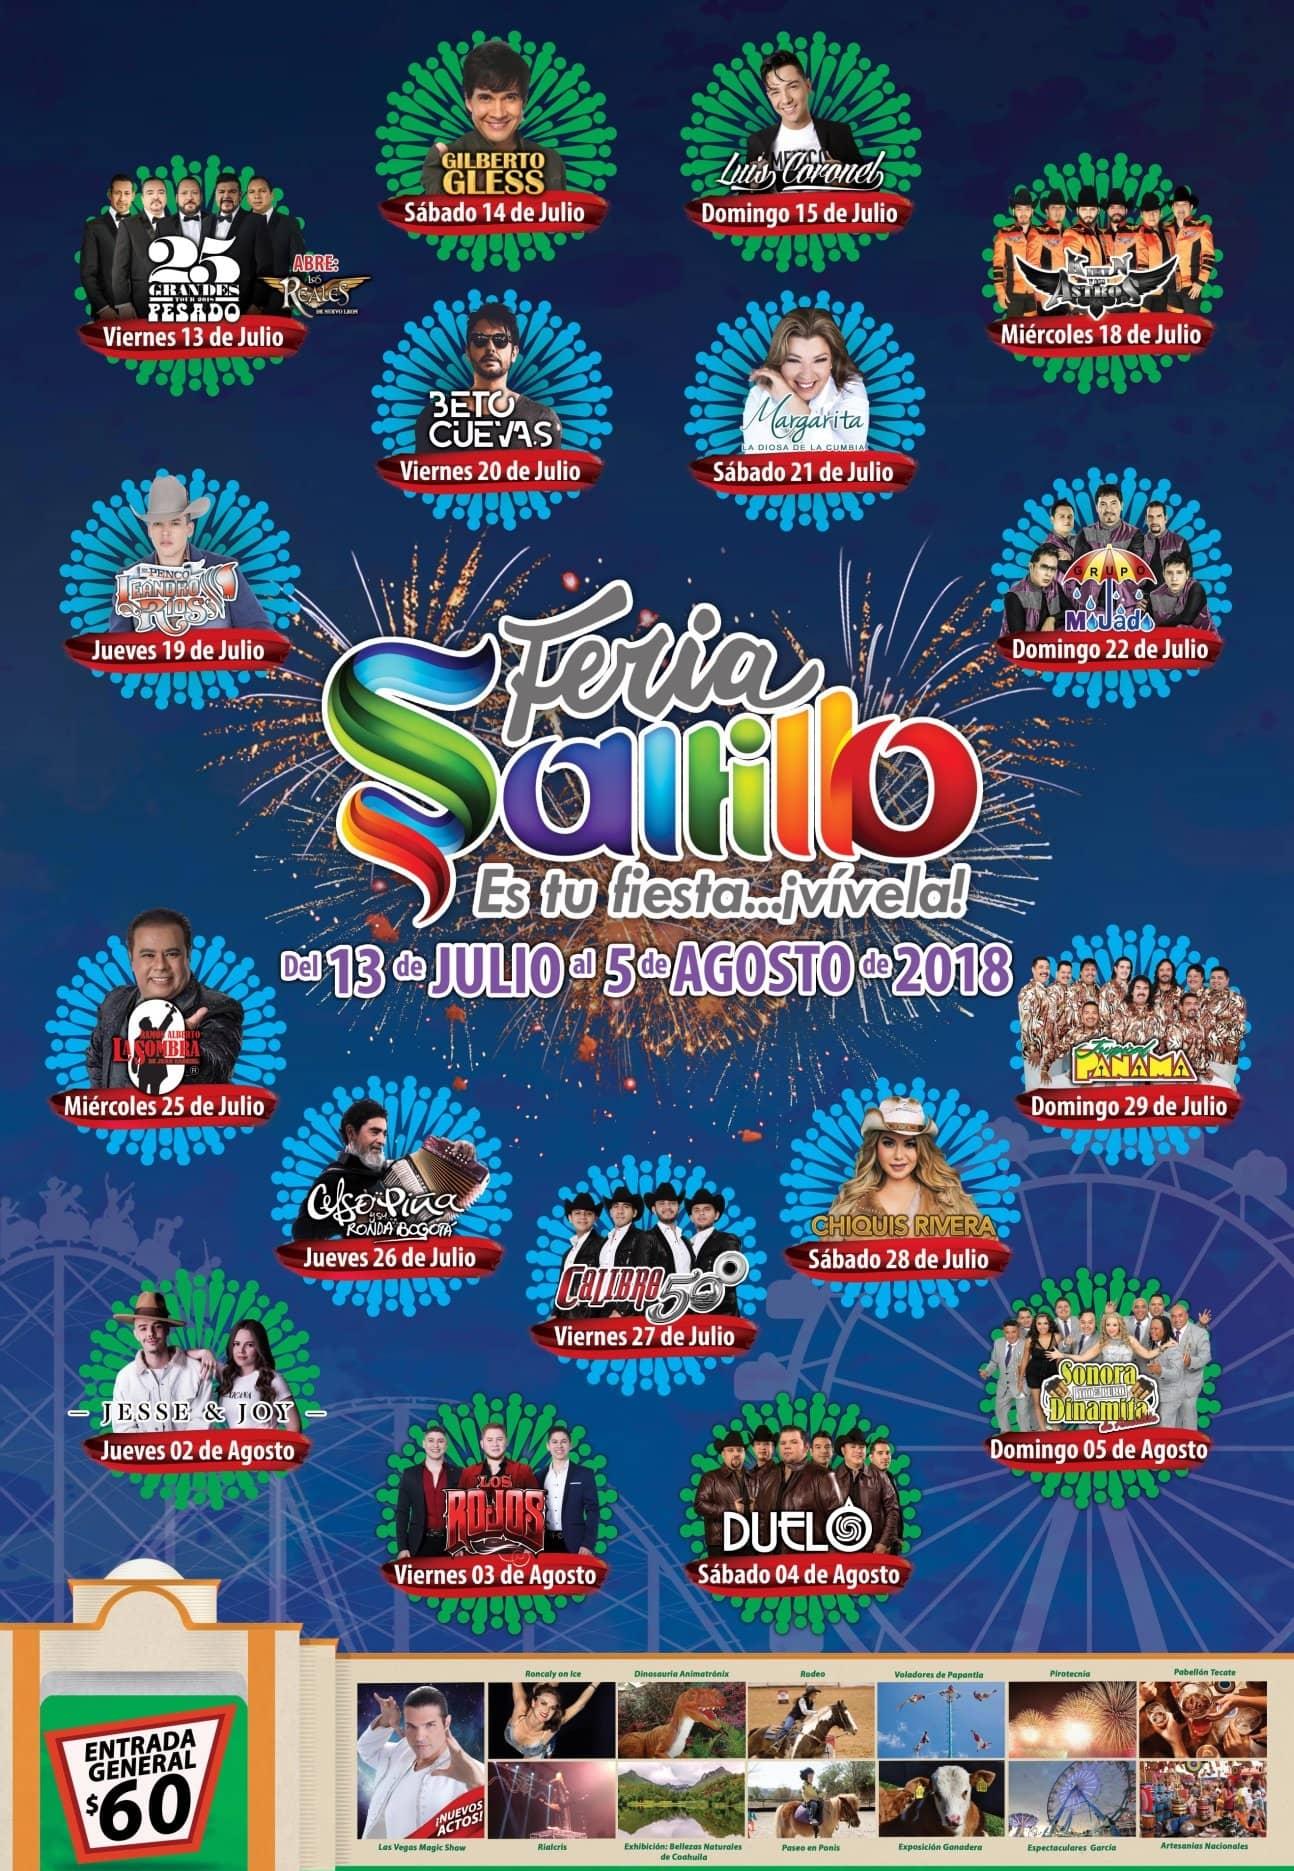 Elenco Artístico de la Feria Saltillo 2018